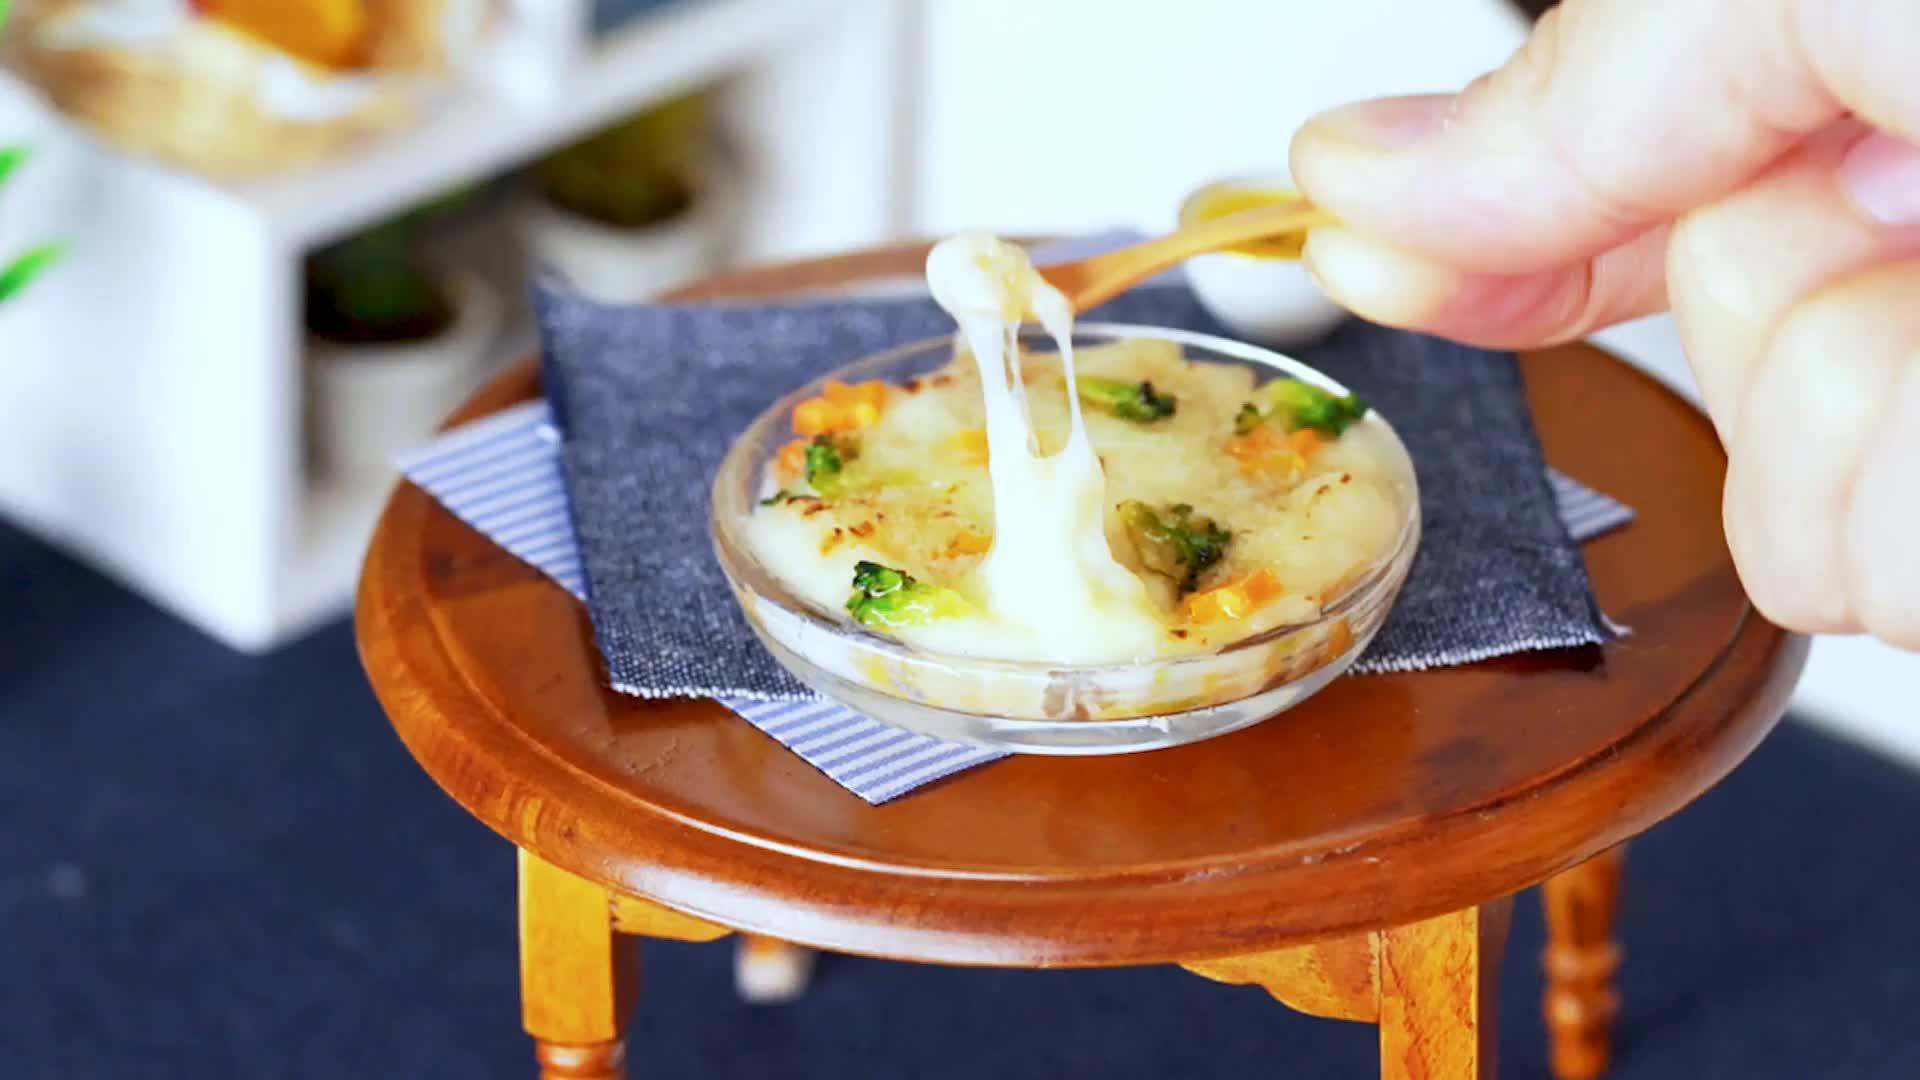 小小起司日式多利亚饭